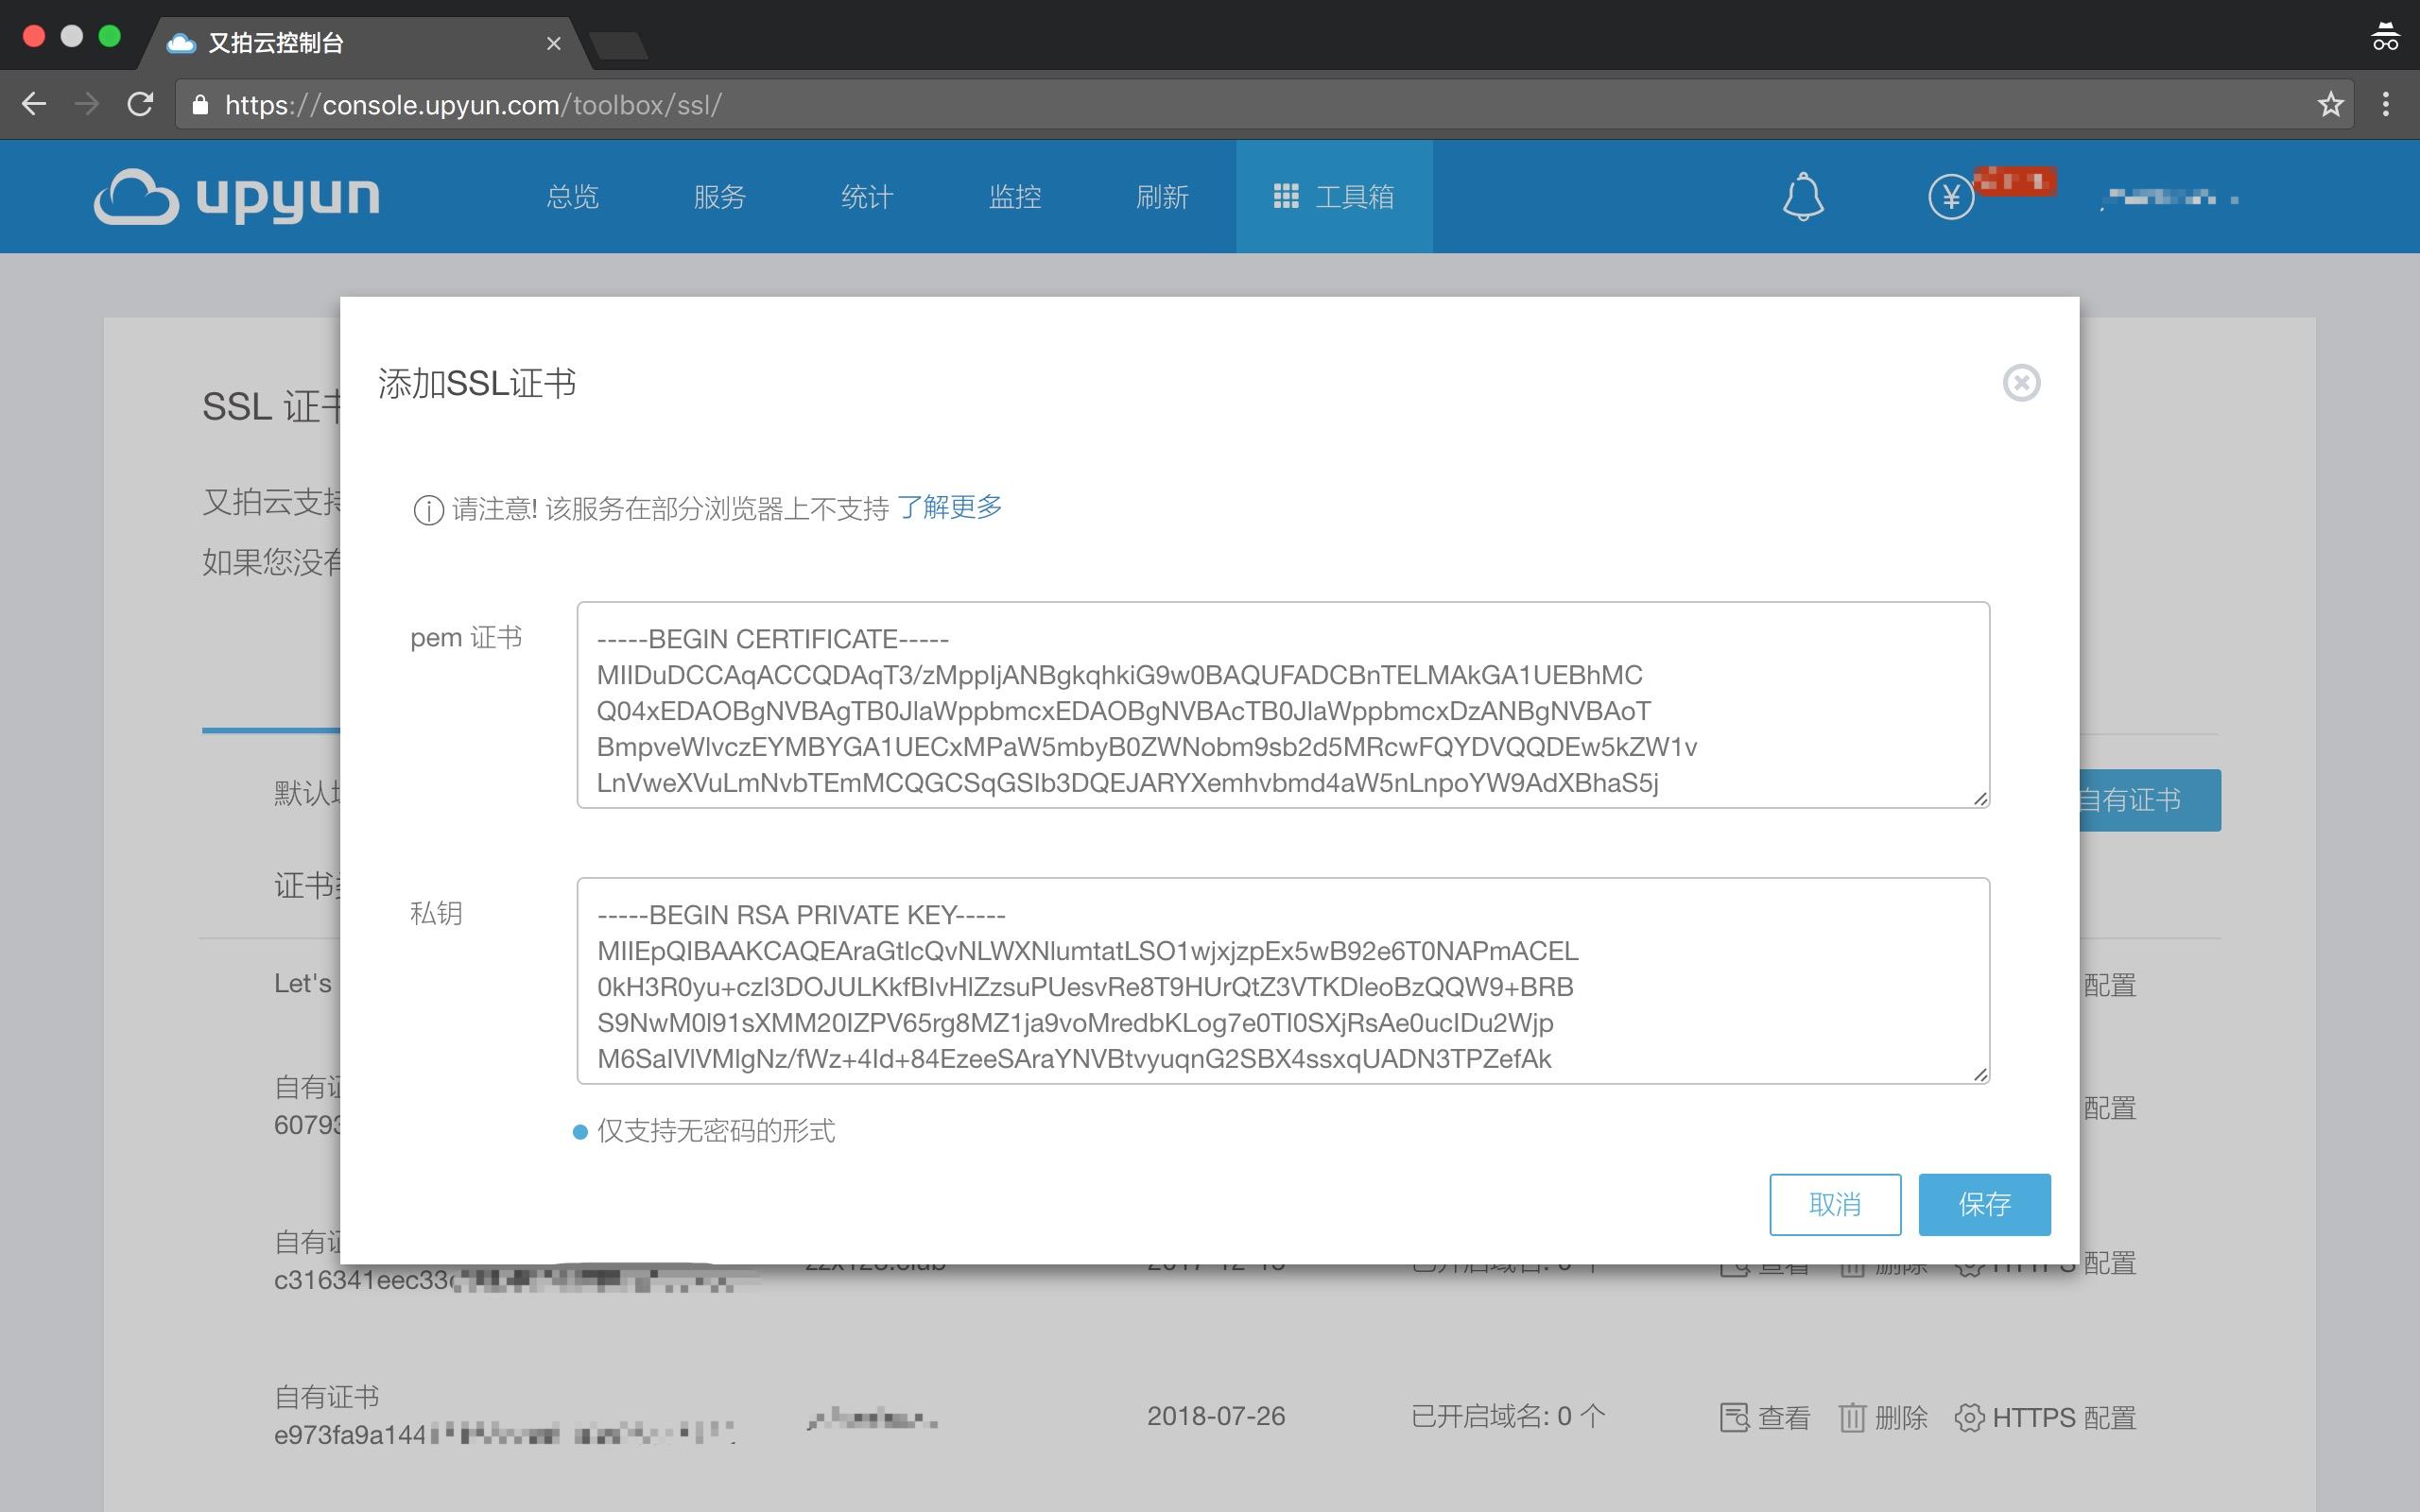 又拍云如何进行 HTTPS 配置?